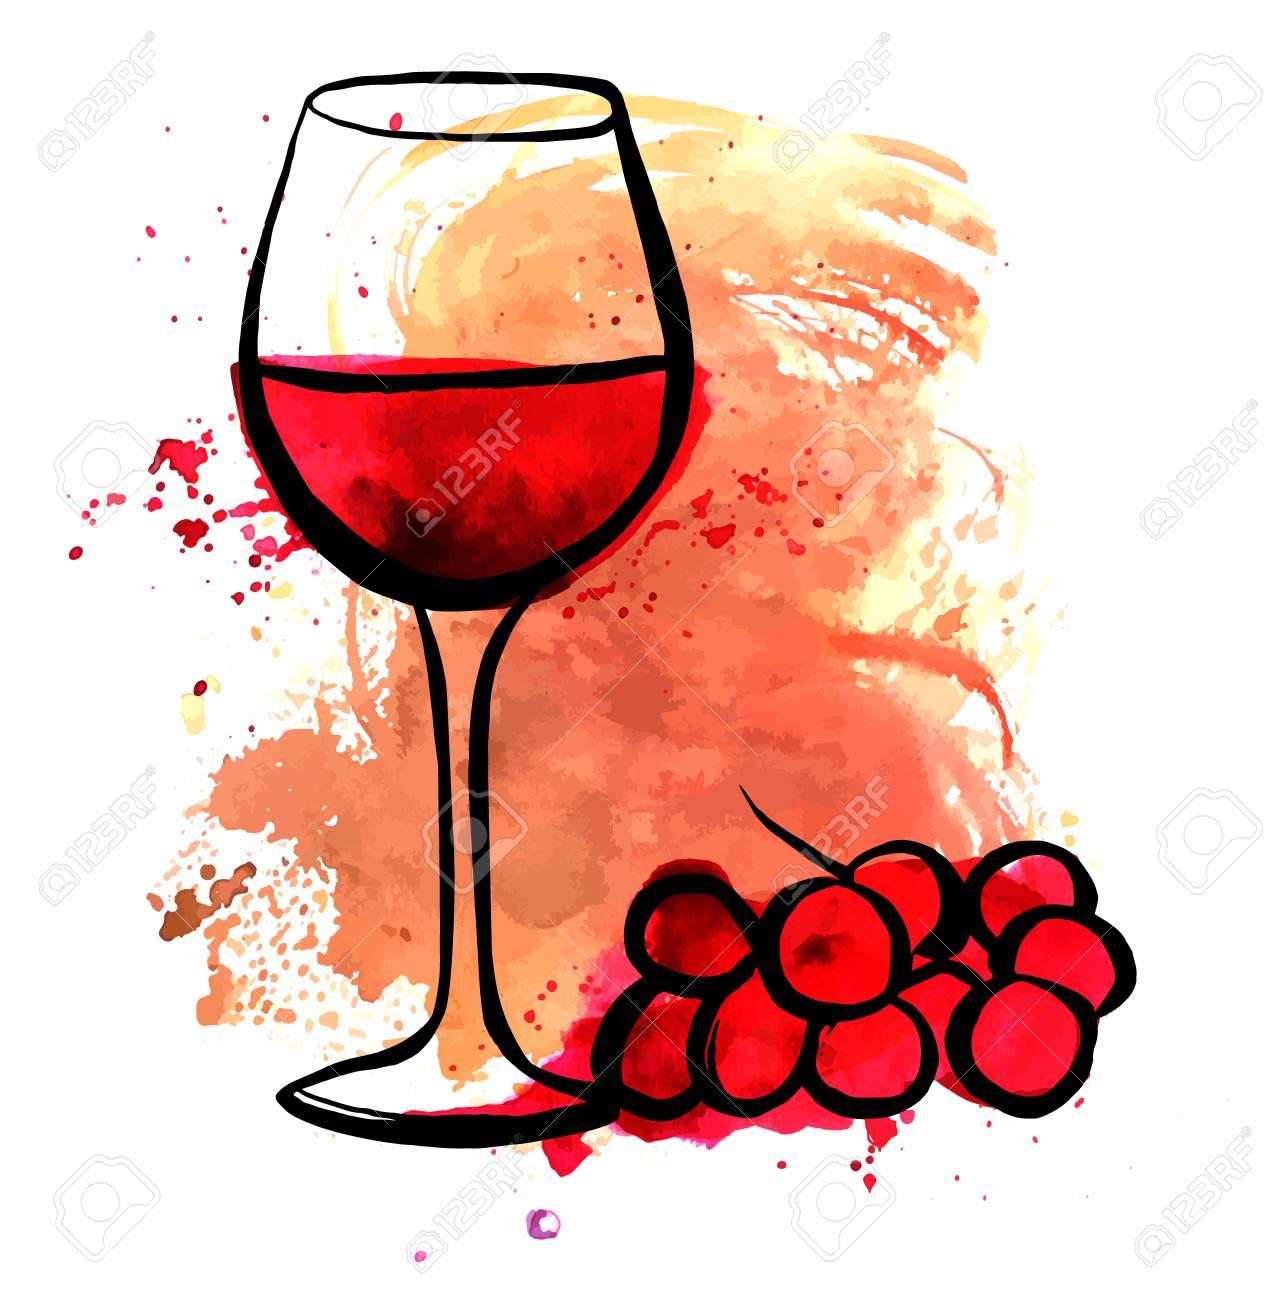 Dessin de verre à vin rouge sur la texture aquarelle